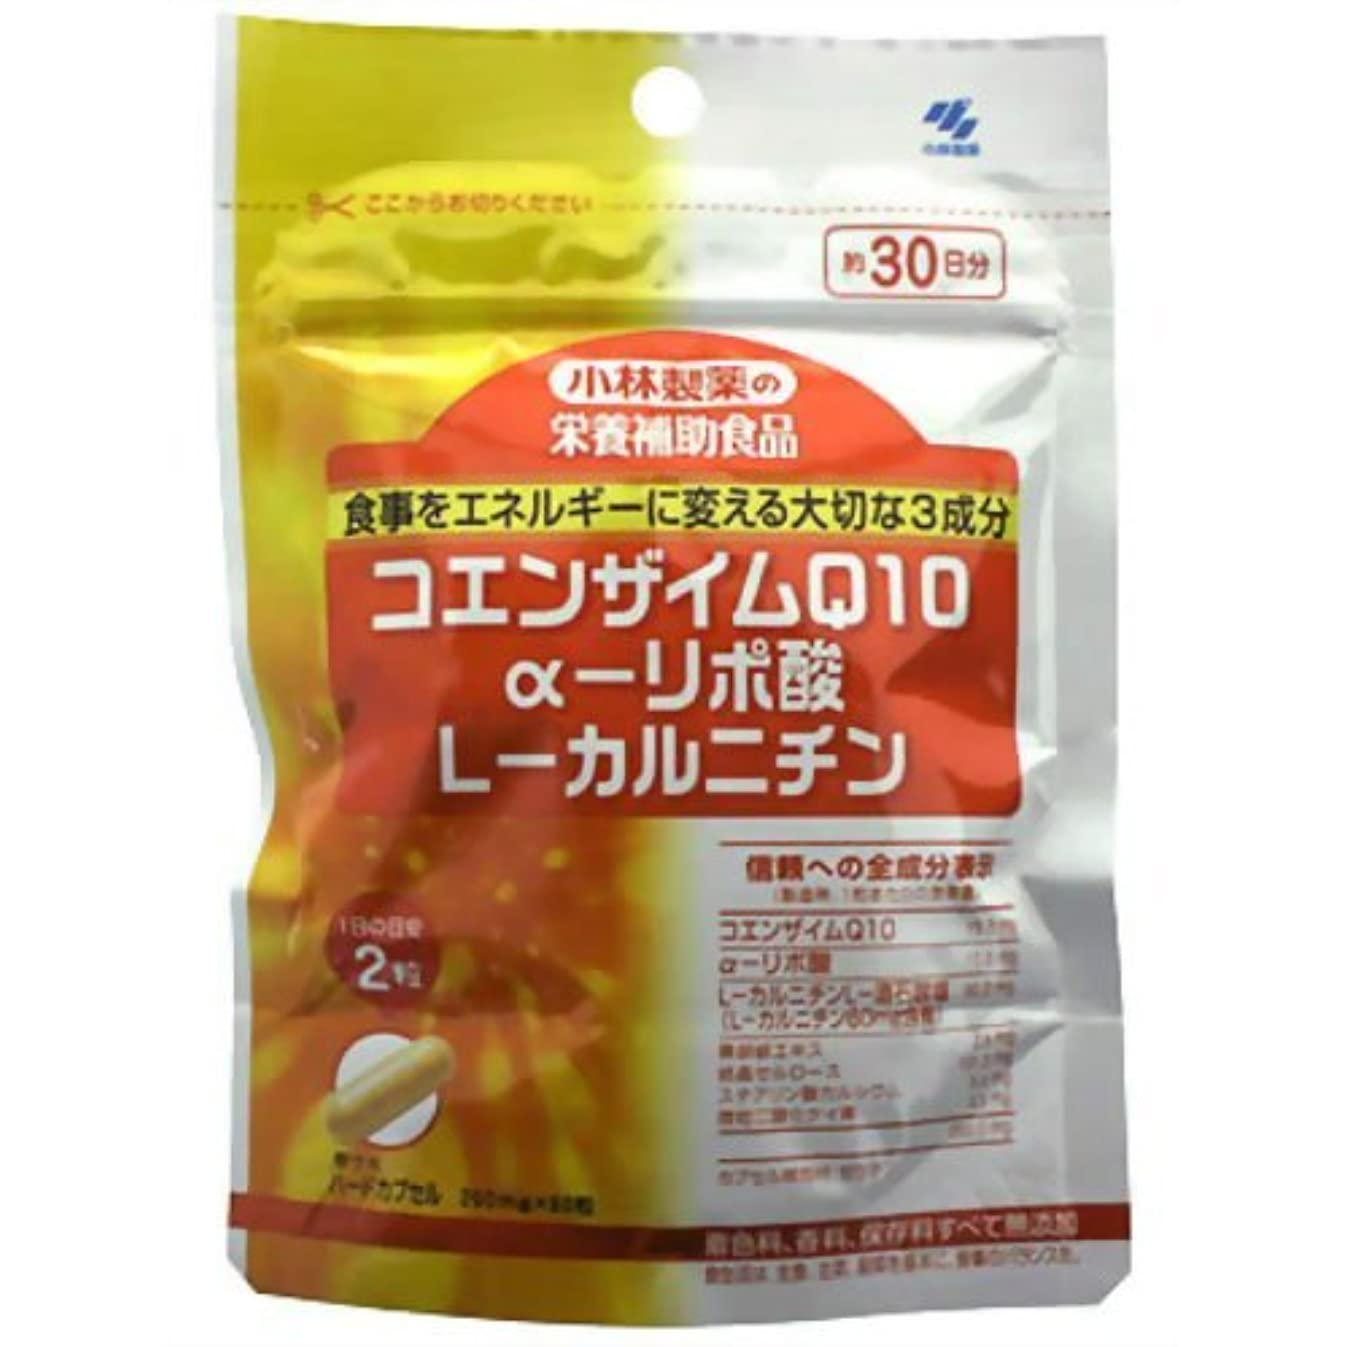 欺く洗練法王小林製薬の栄養補助食品 CoQ10+αリポ酸+Lカルニチン 60粒